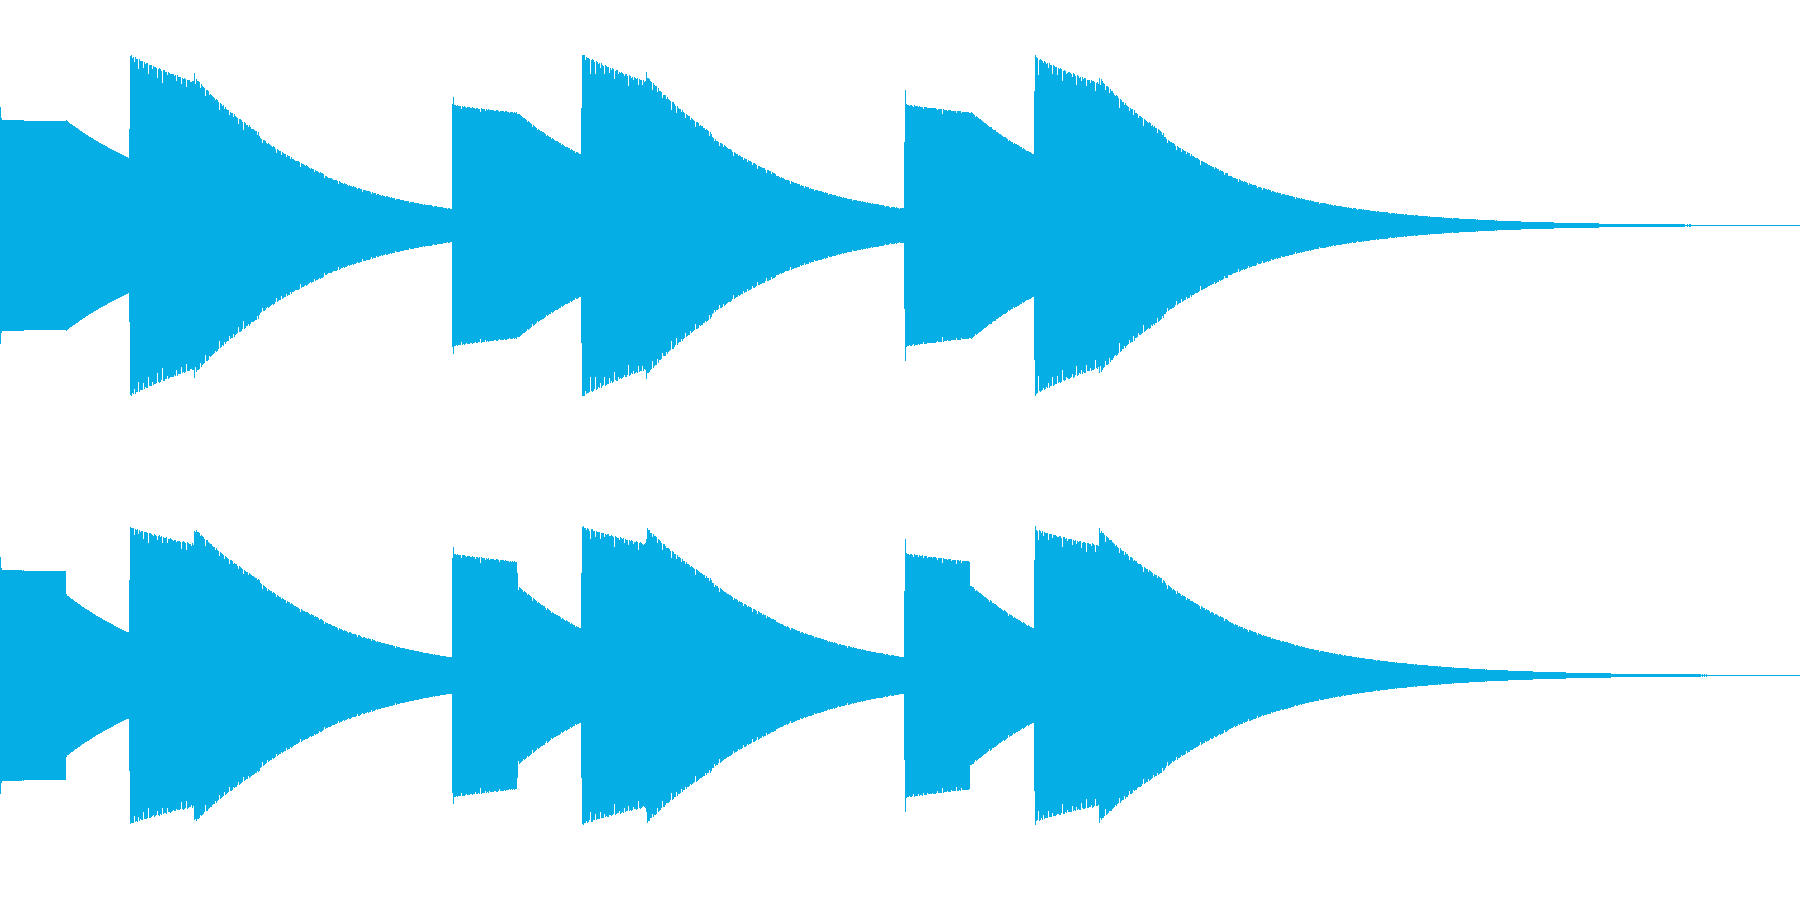 警告音の再生済みの波形